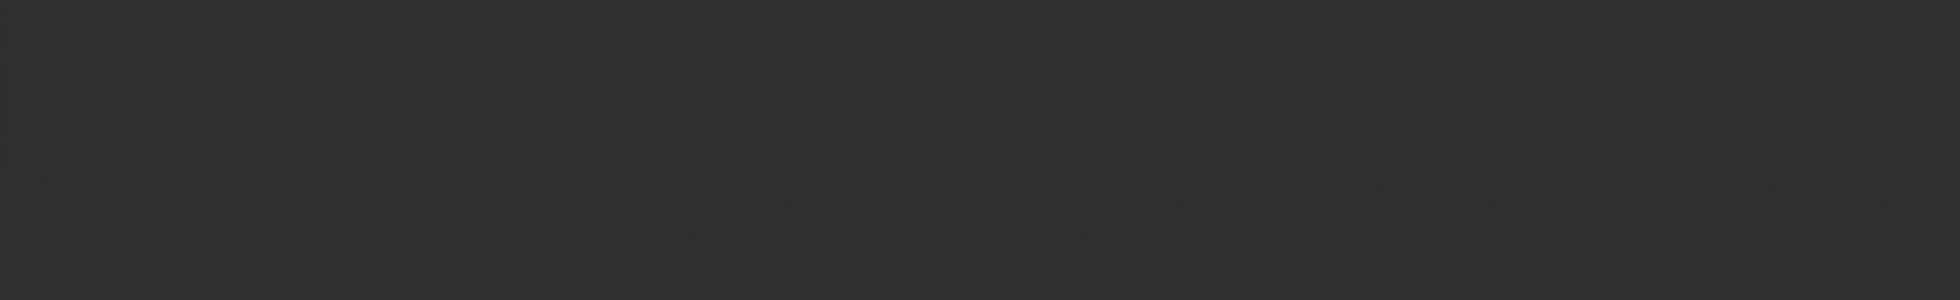 DotTransfers API